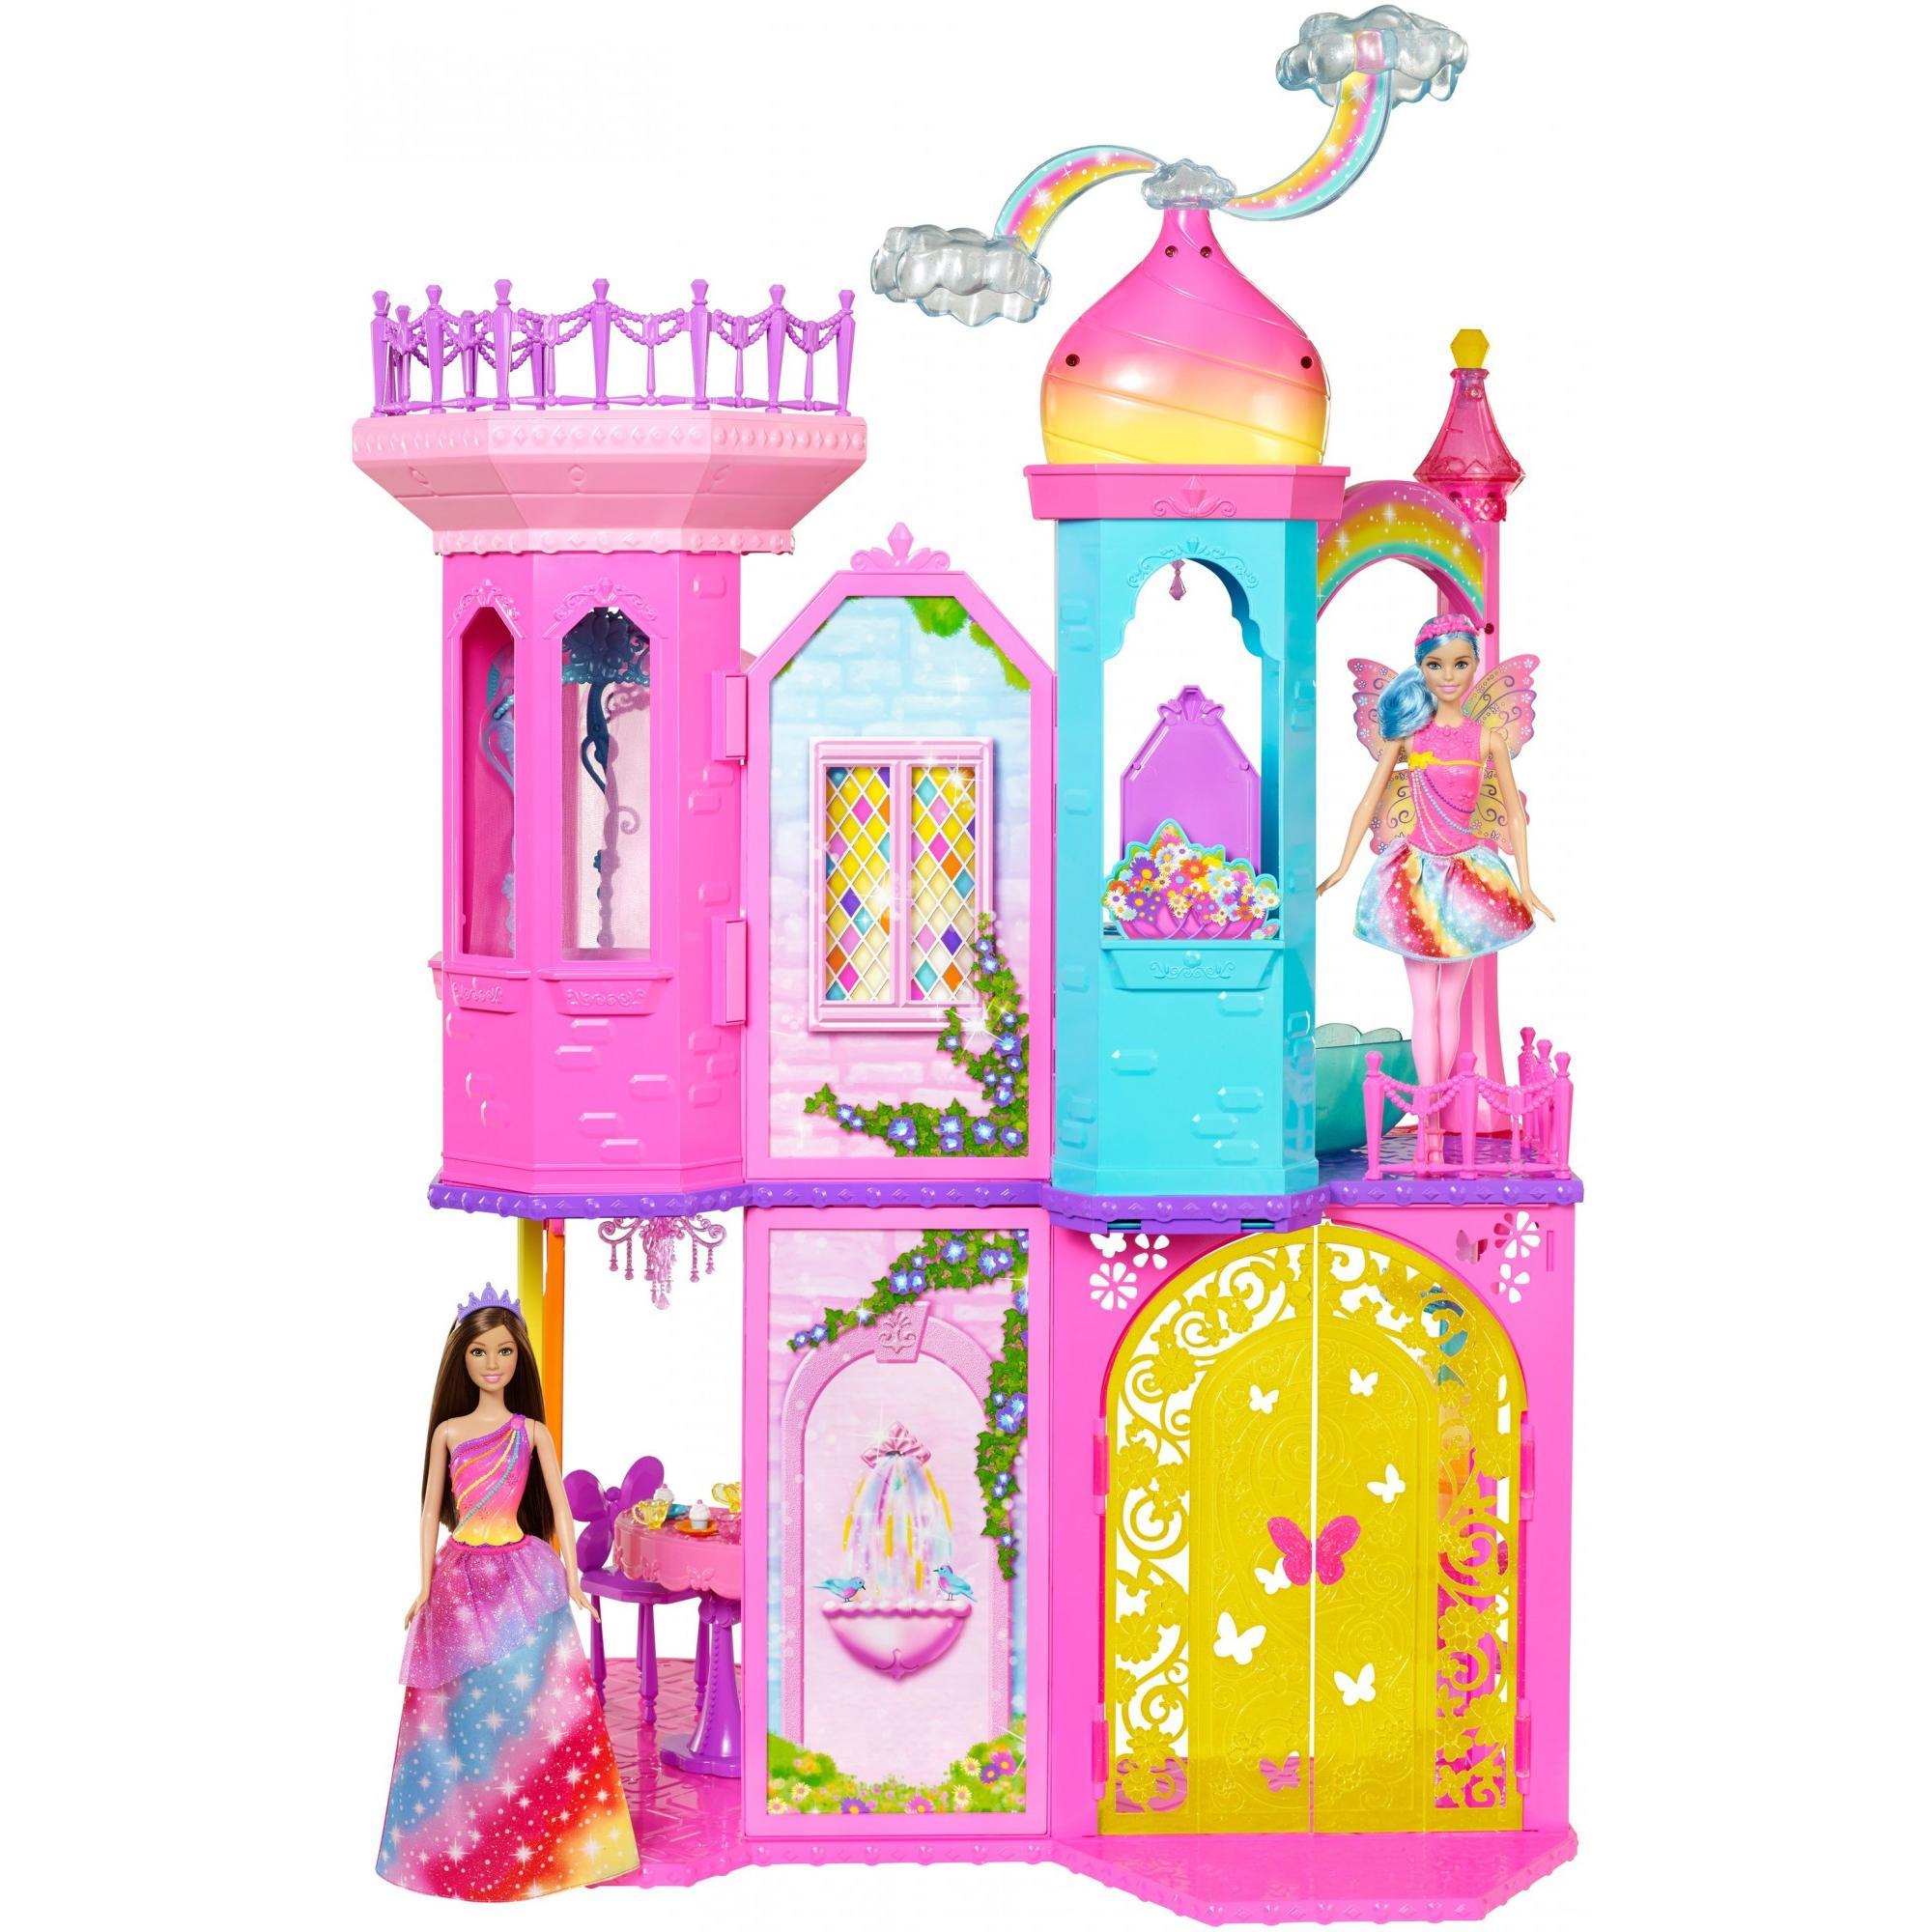 Drawn palace dancer Barbie Rainbow  com Princess